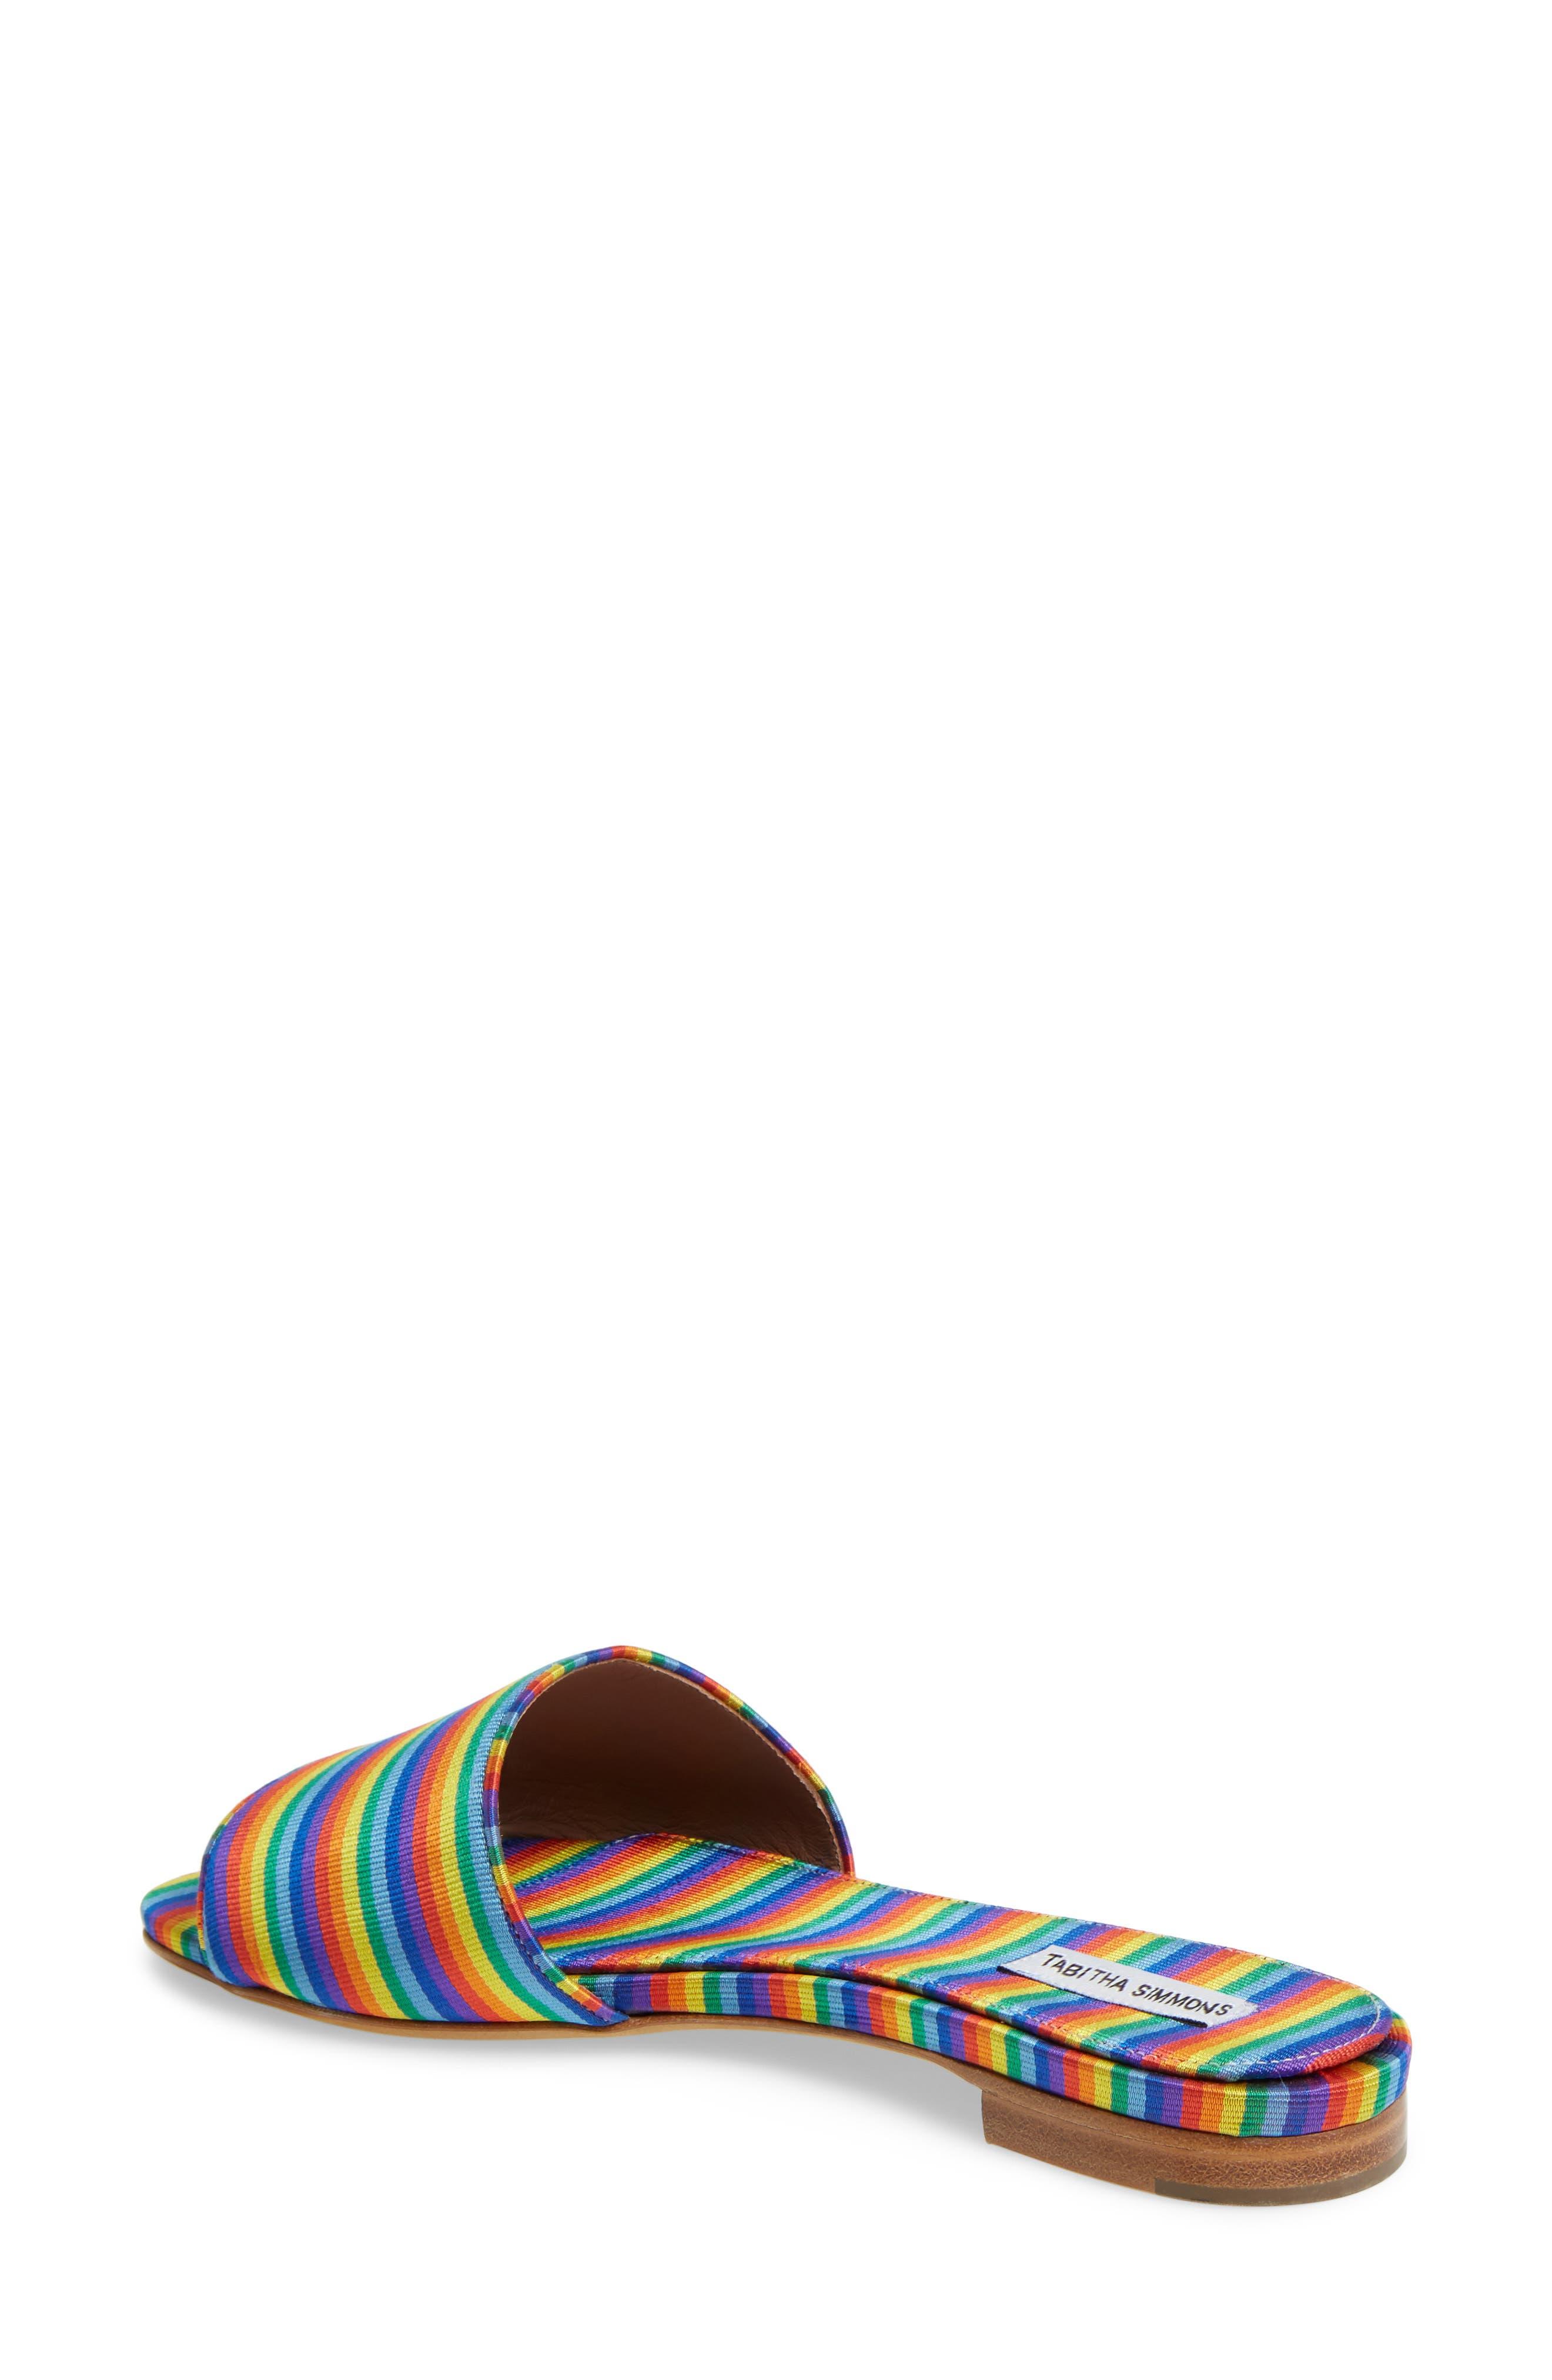 Sprinkles Slide Sandal,                             Alternate thumbnail 2, color,                             600